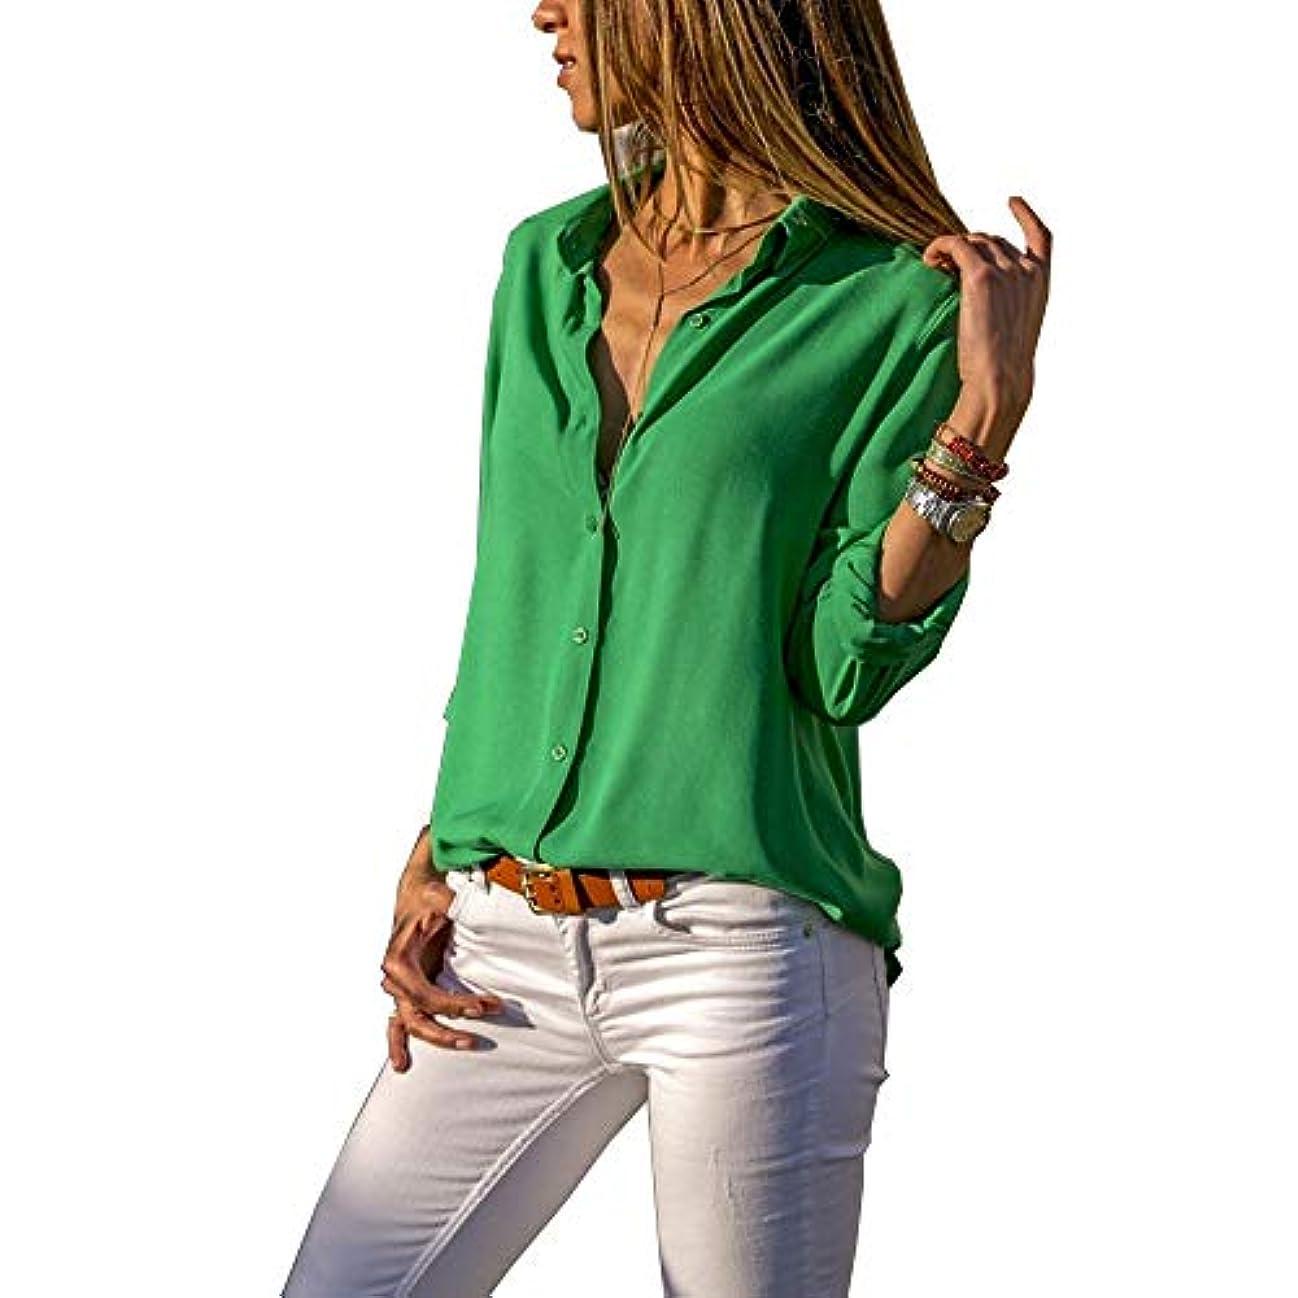 正直頼る群衆MIFAN ルーズシャツ、トップス&Tシャツ、プラスサイズ、トップス&ブラウス、シフォンブラウス、女性トップス、シフォンシャツ